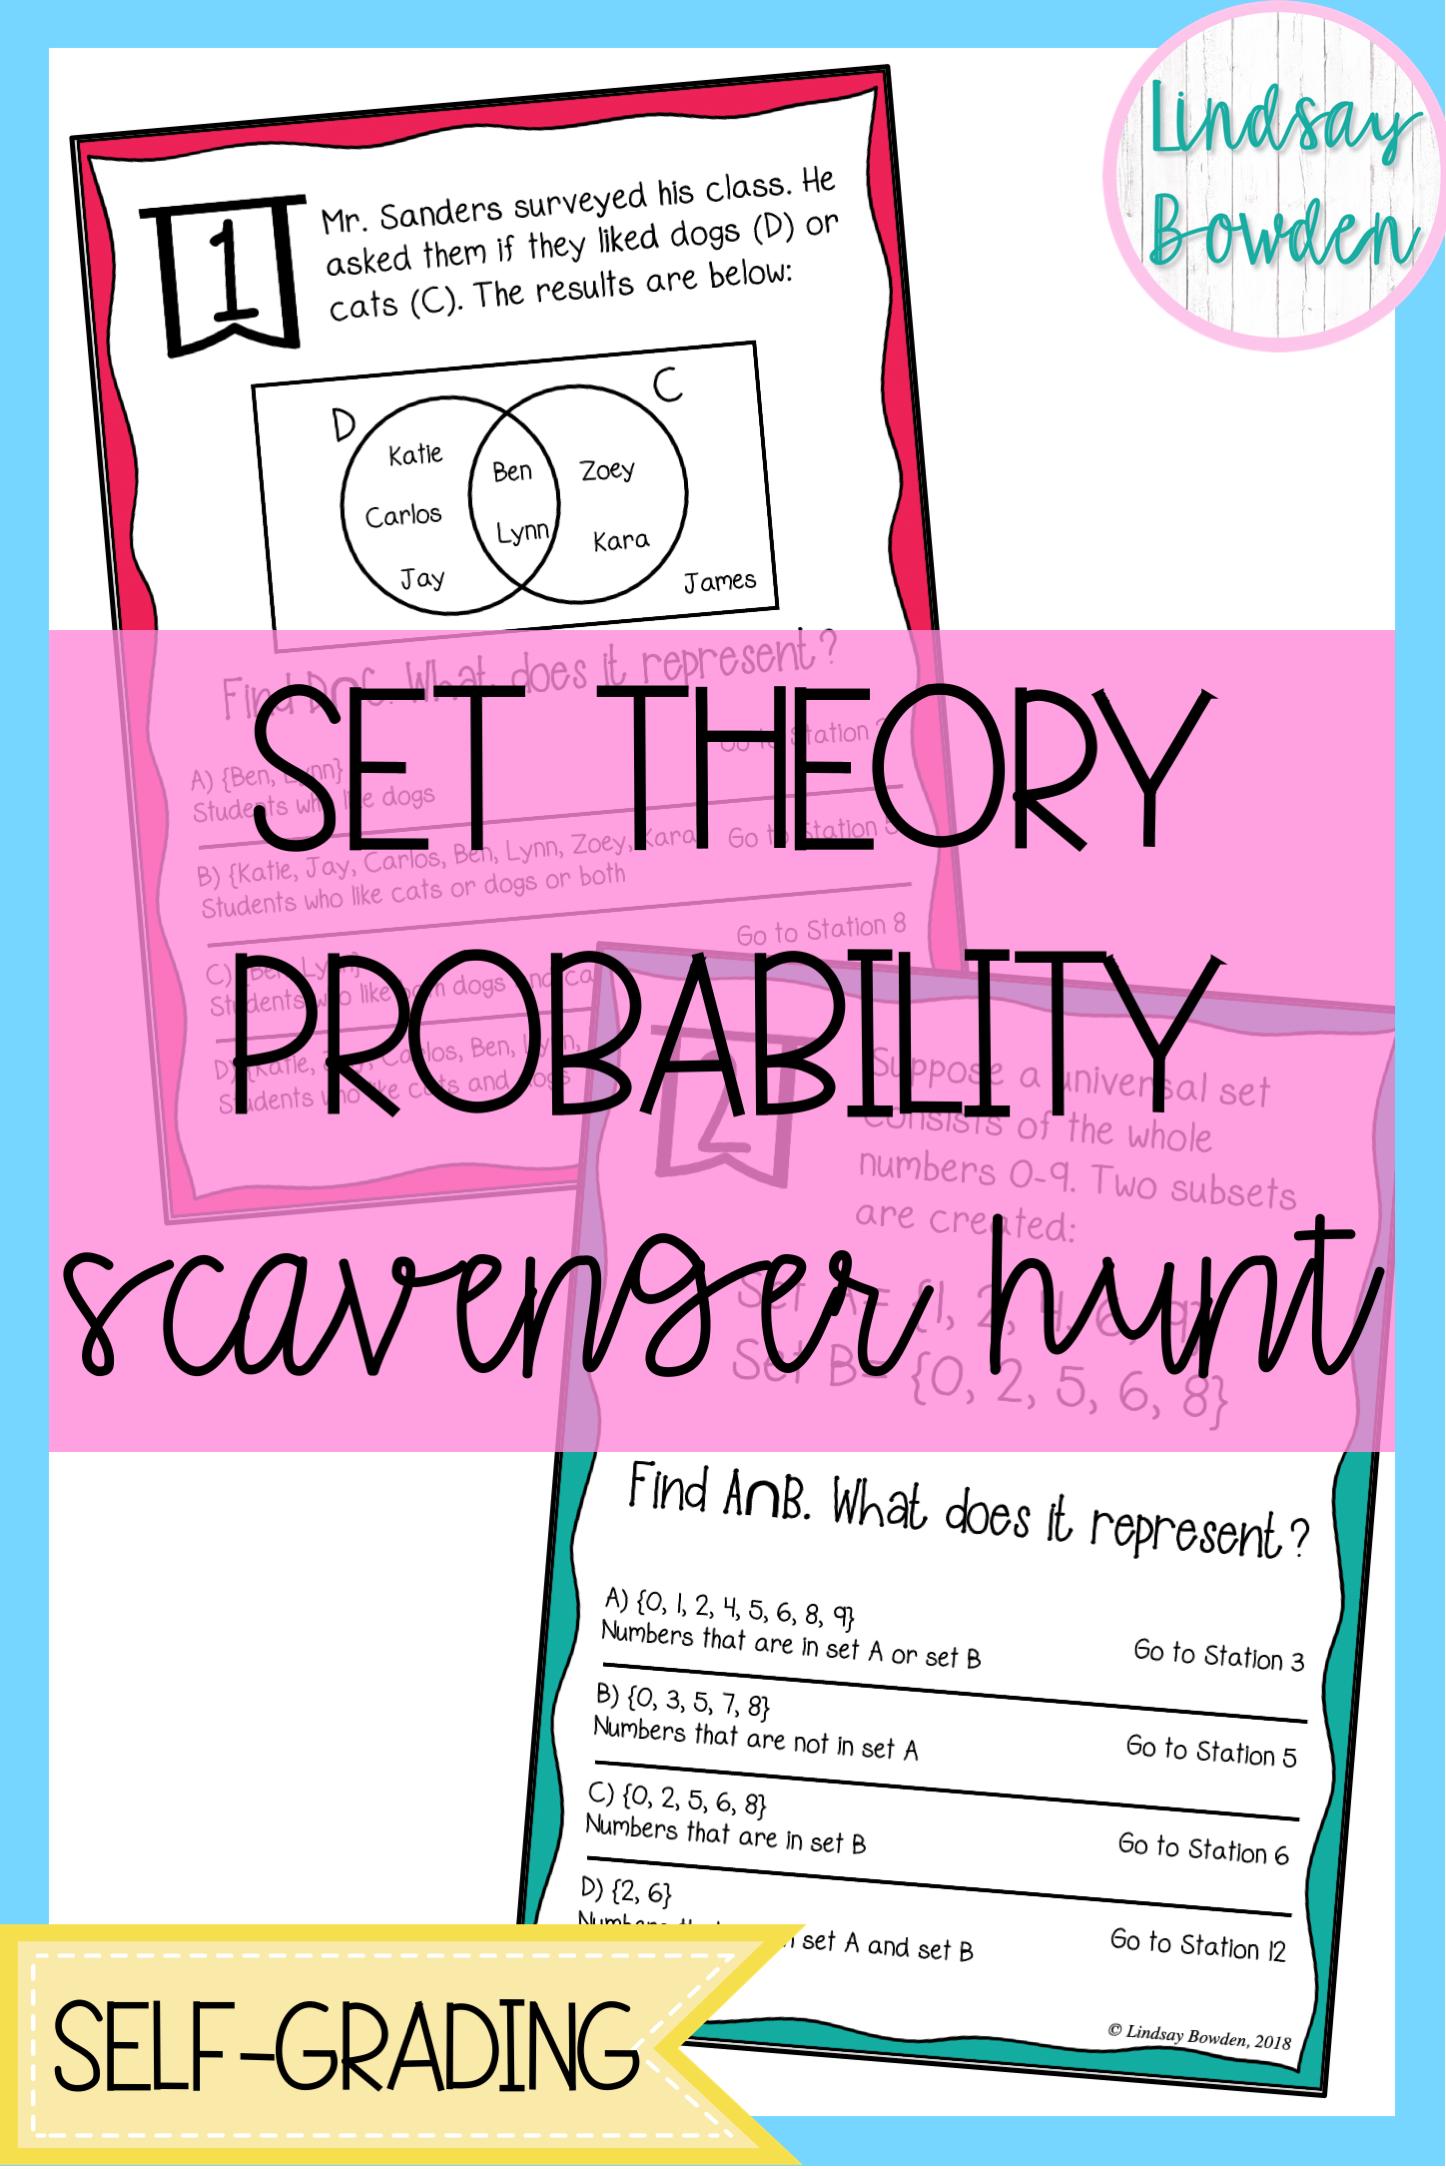 Math homework help free